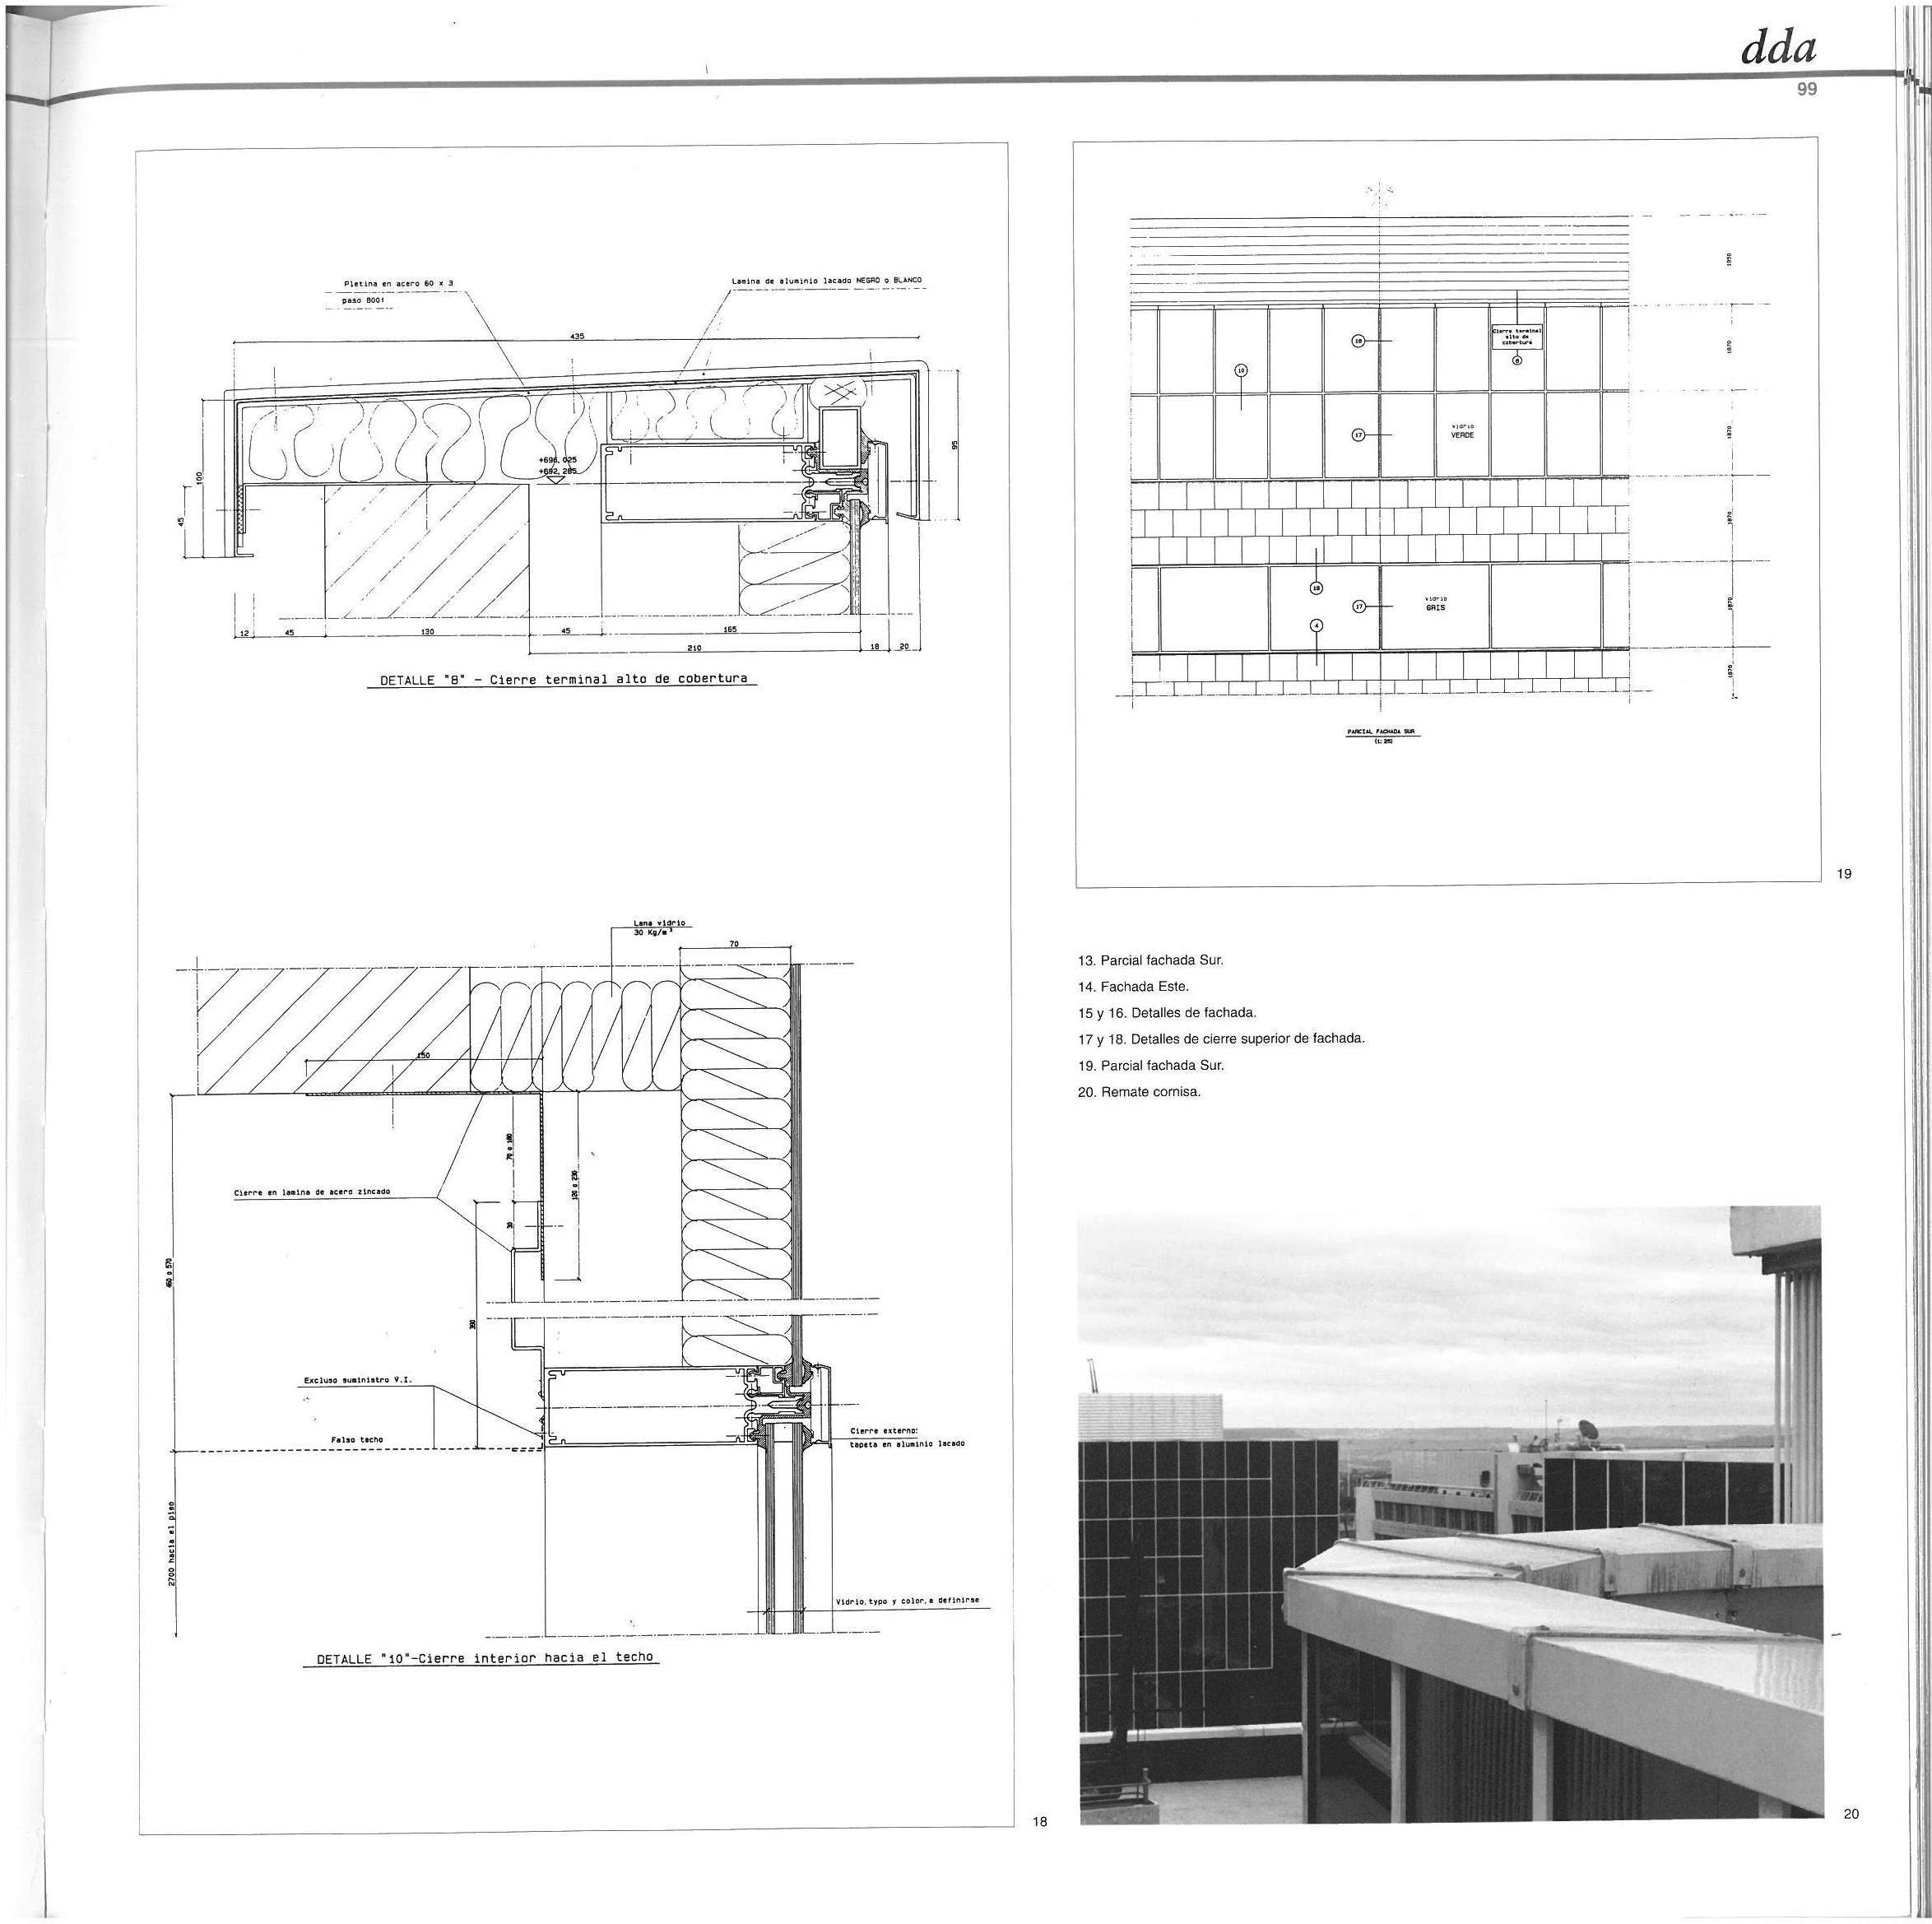 Detalles arquitectura estudio arquitectura argesplan 2000 - Estudio arquitectura bilbao ...